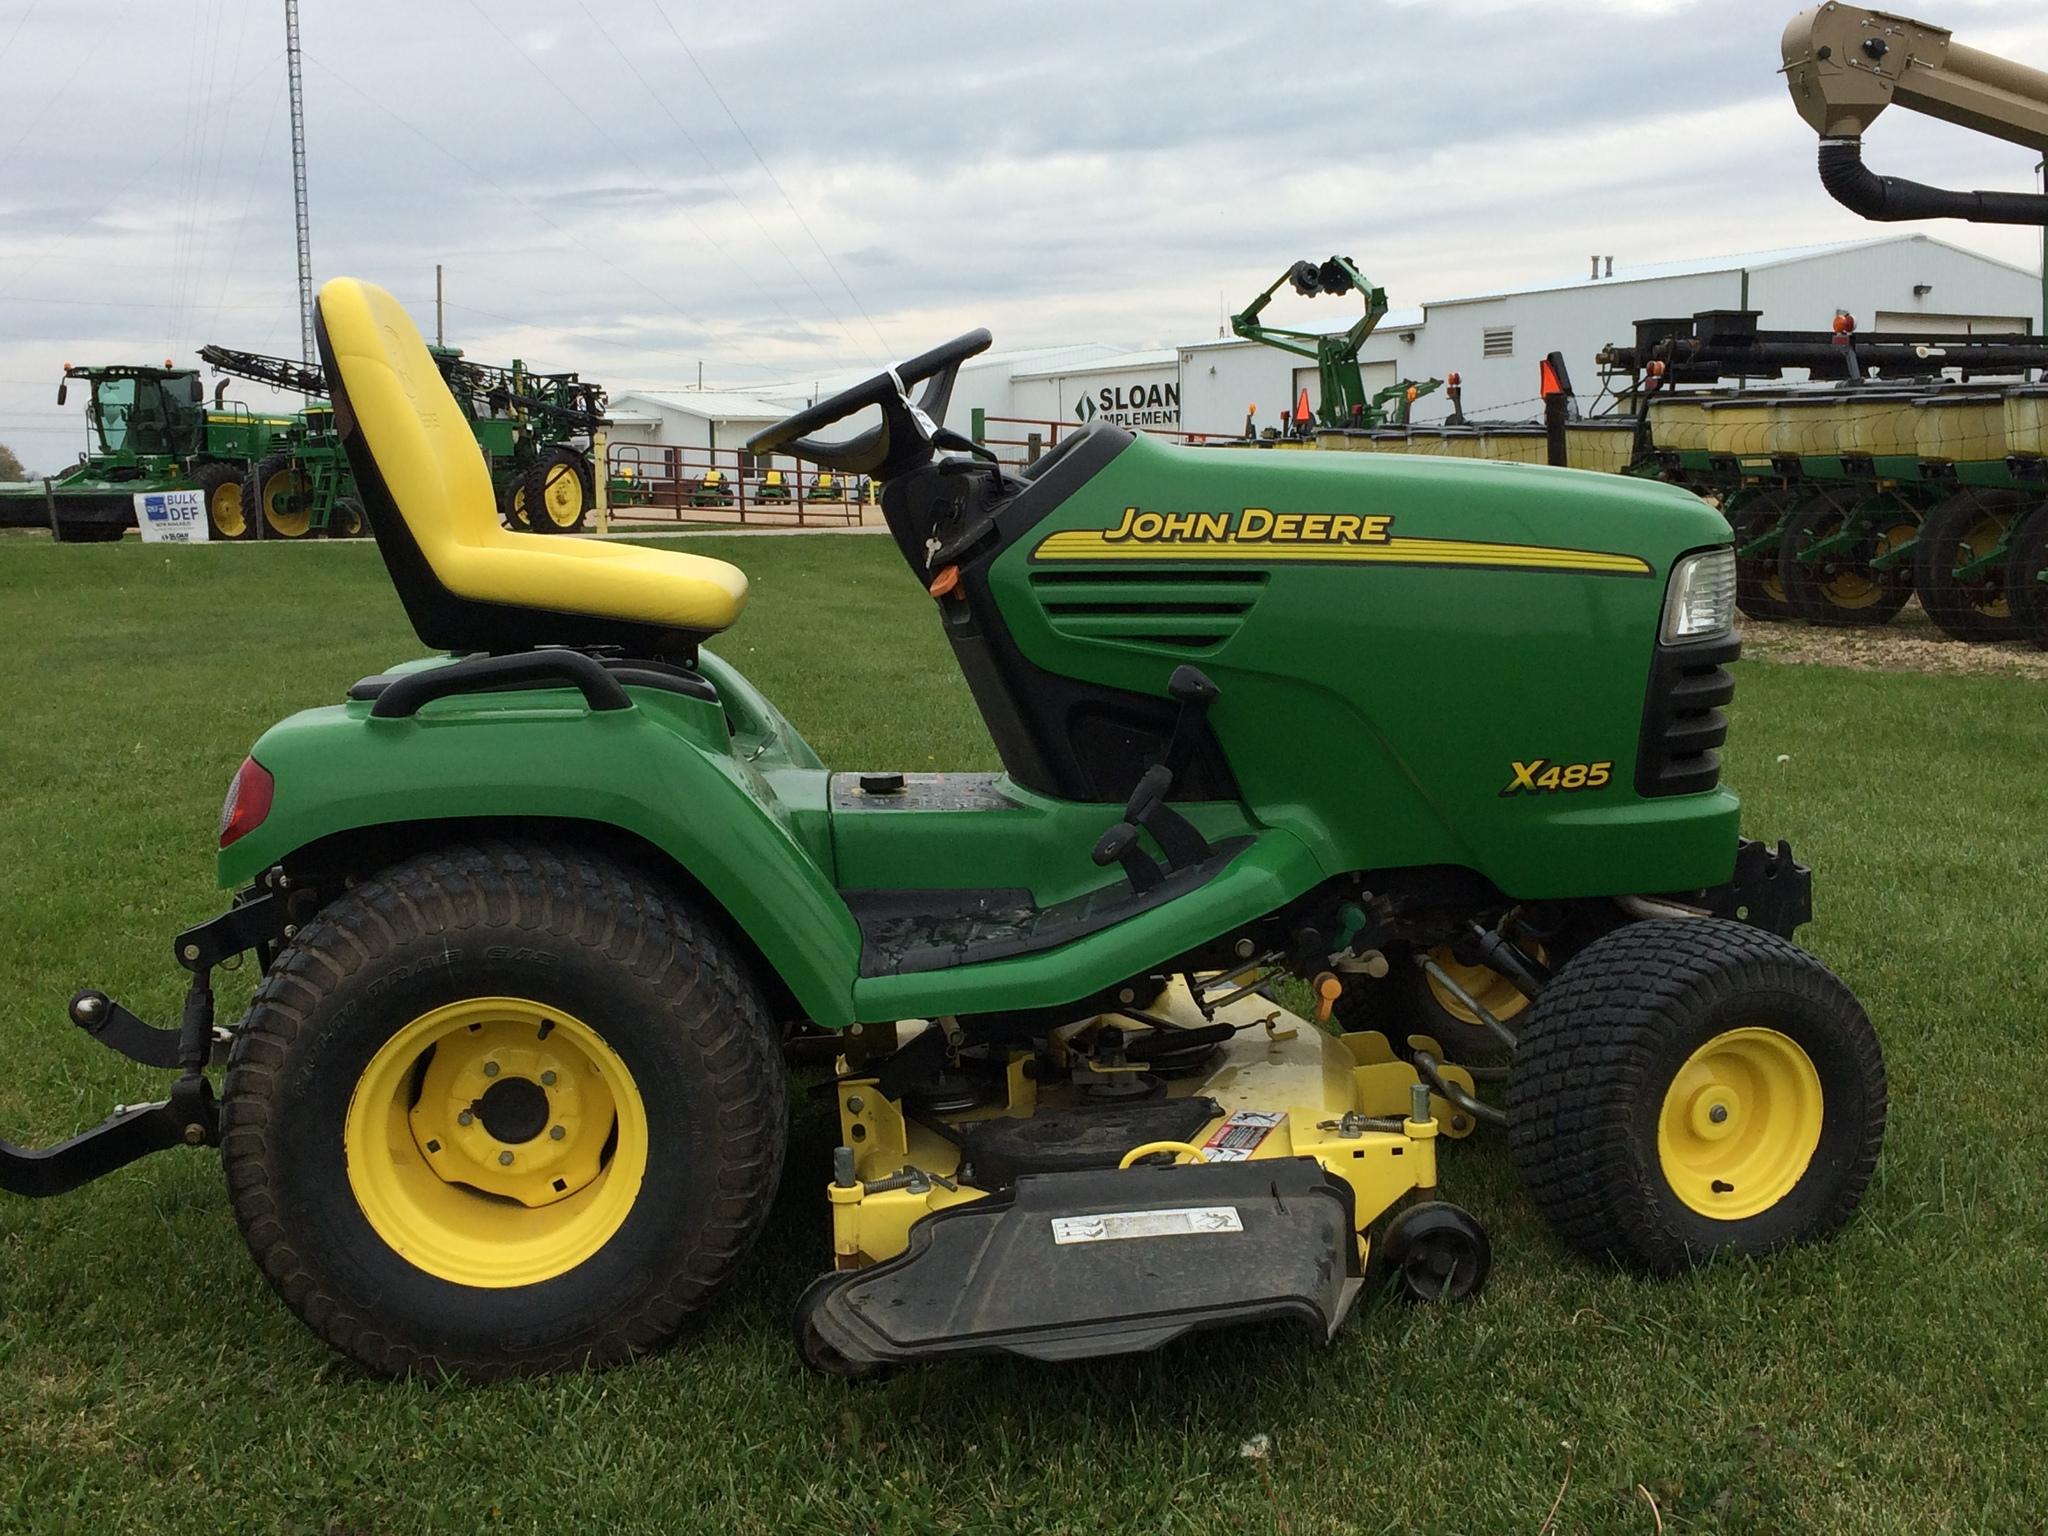 John Deere X485 Lawn & Garden Tractors for Sale   [52326]